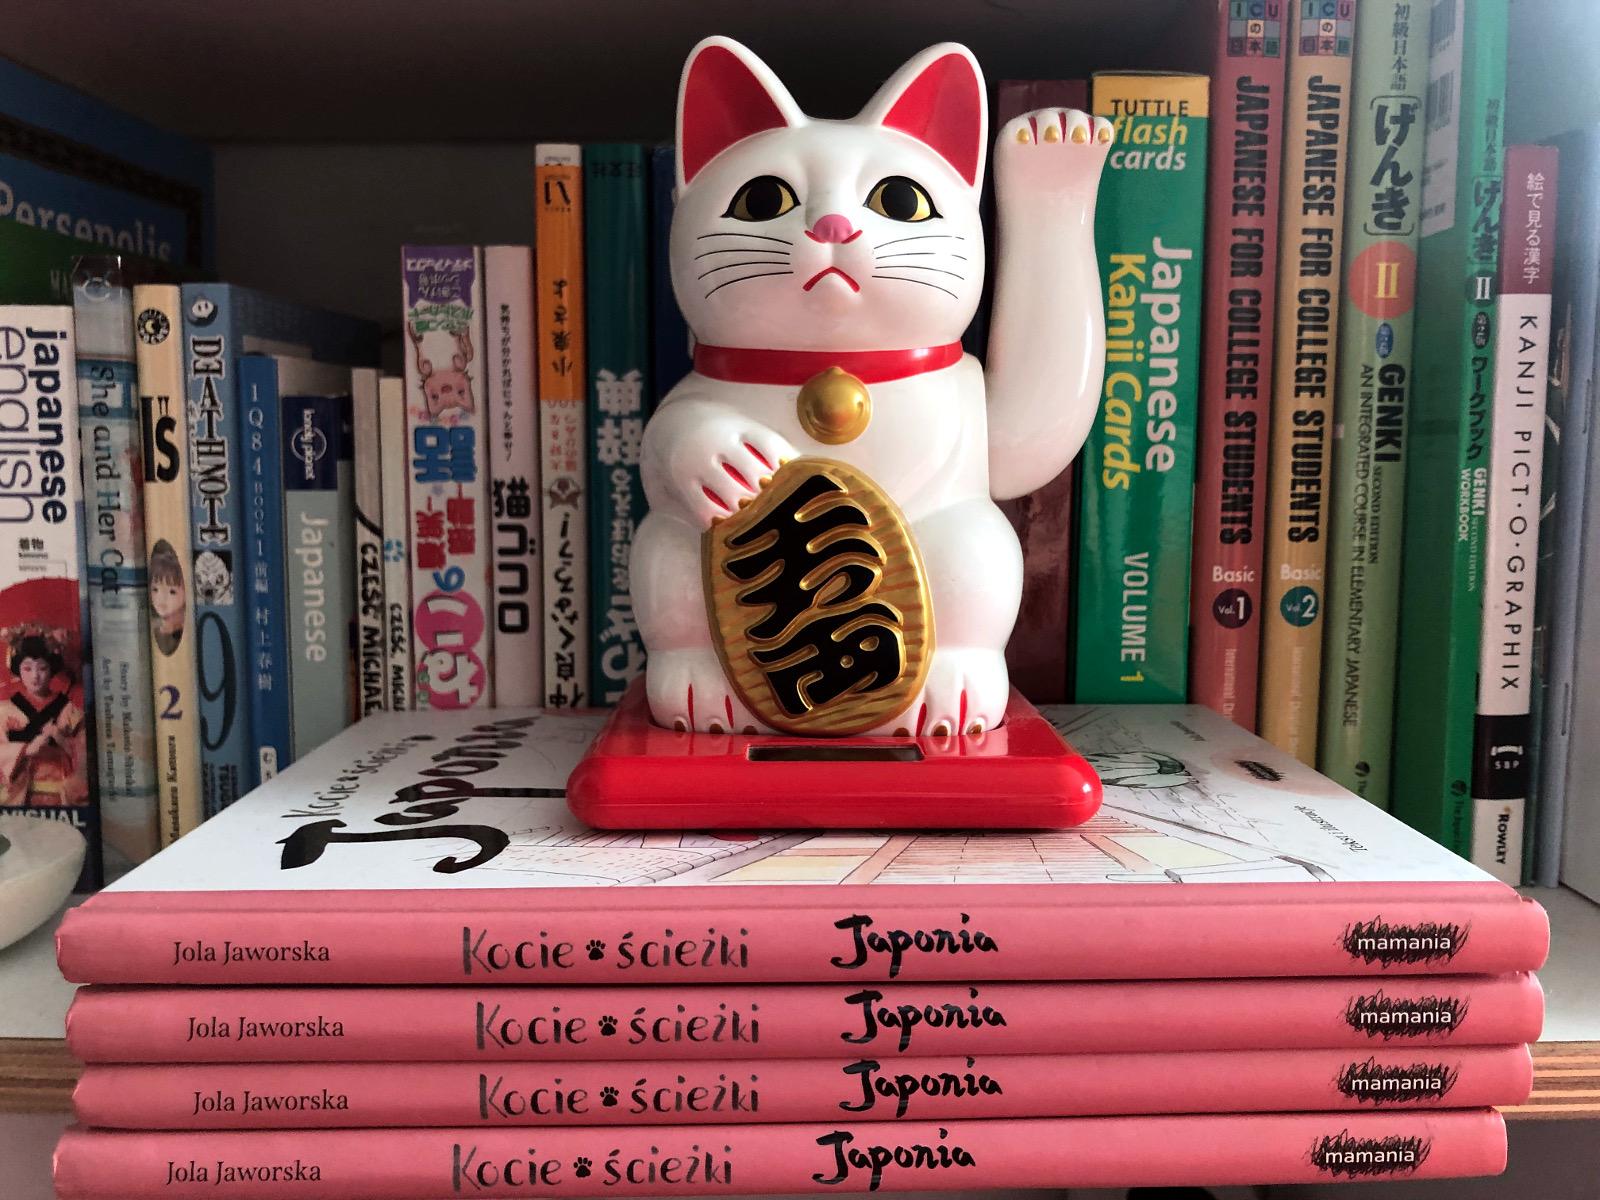 Kocie ścieżki. Japonia. Meneki neko. Poczwórny Koci Konkurs - wyniki